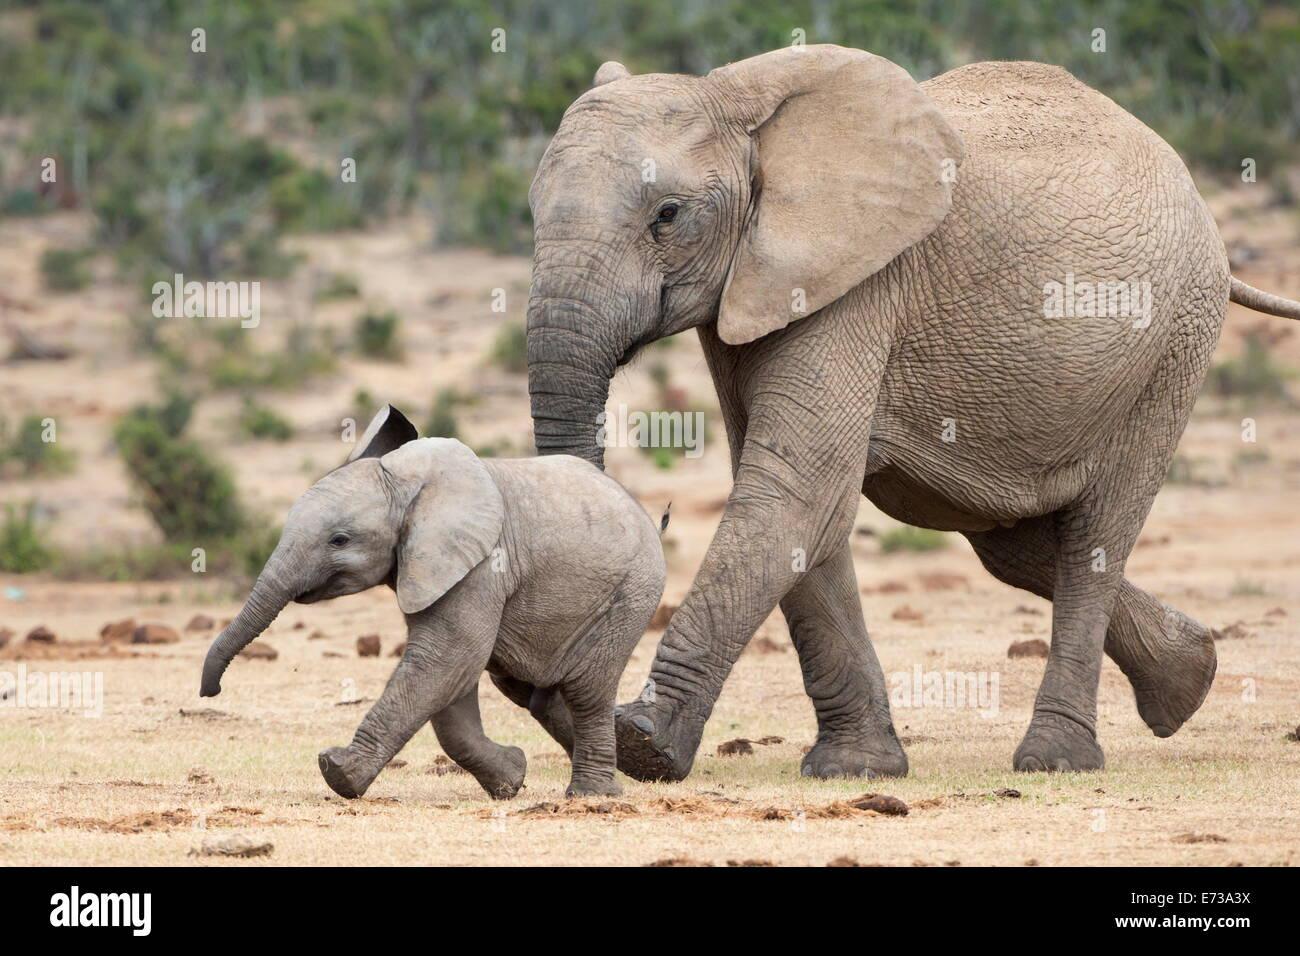 Elefante africano (Loxodonta africana) y de la pantorrilla, corriendo con el agua, el Parque Nacional de Elefantes Addo, Sudáfrica, África Foto de stock